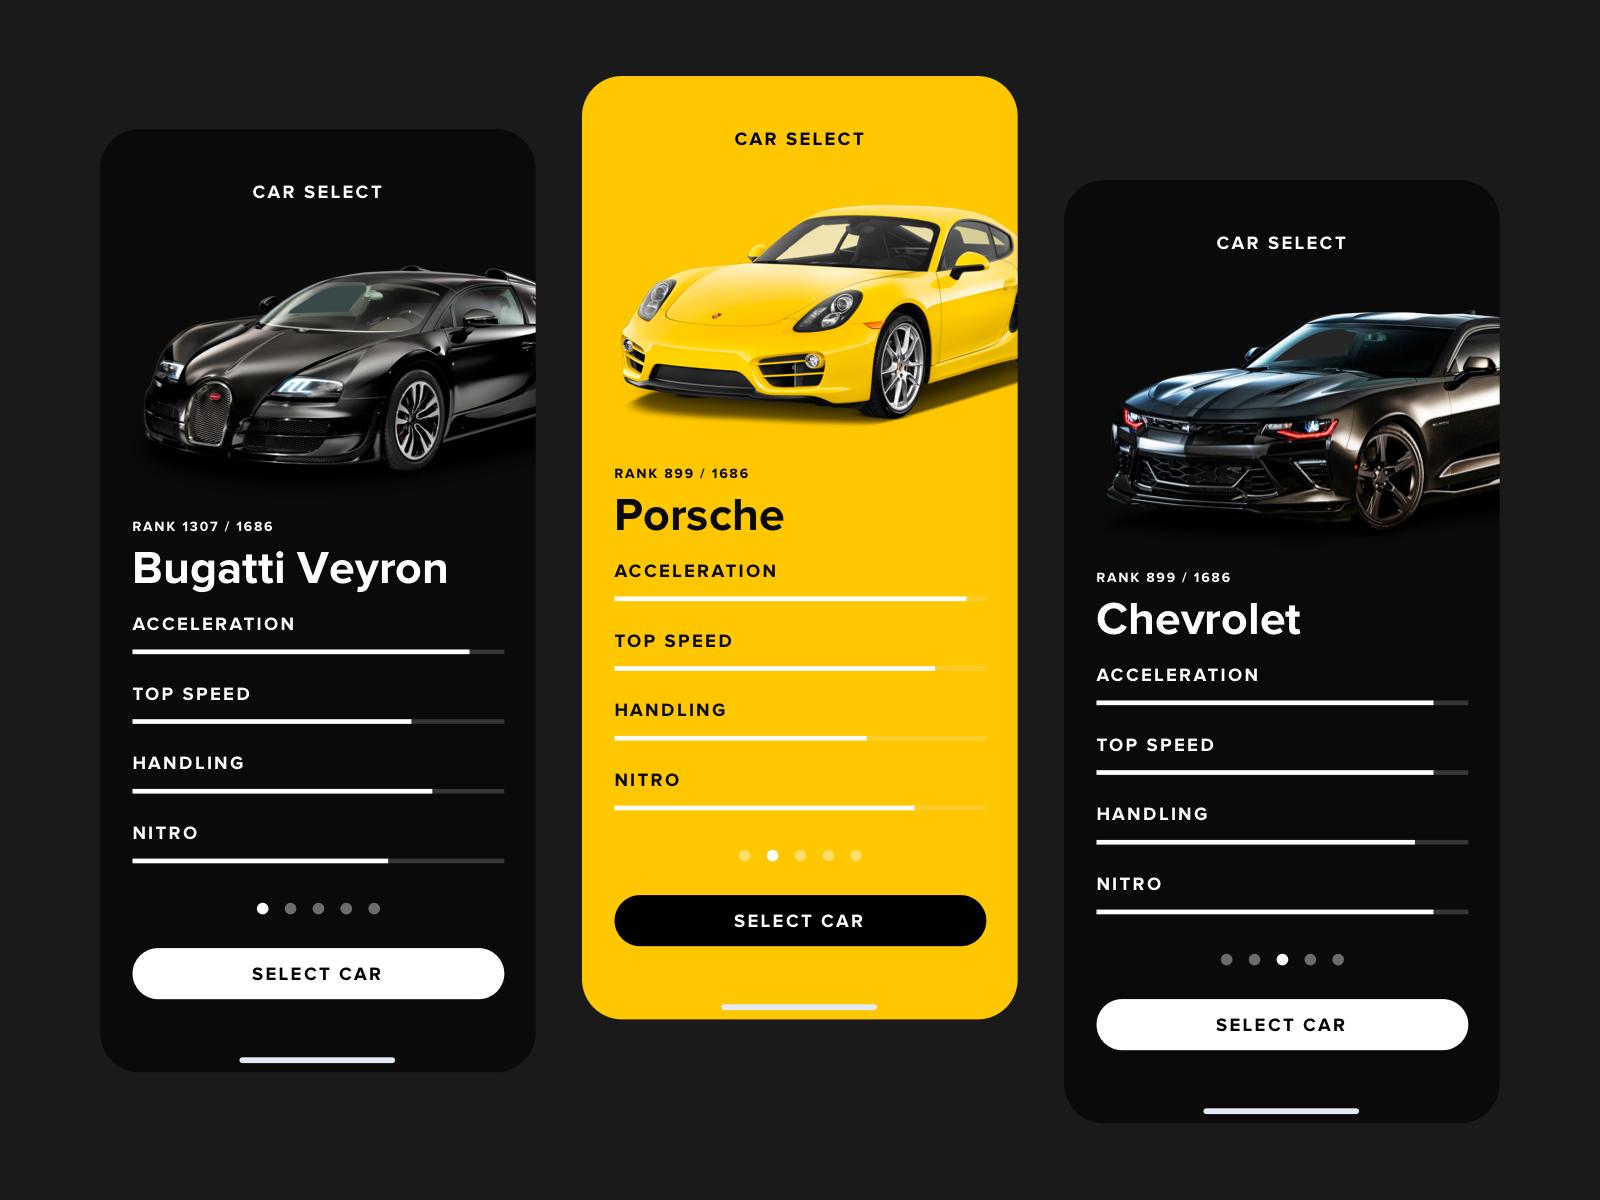 Car Select UI